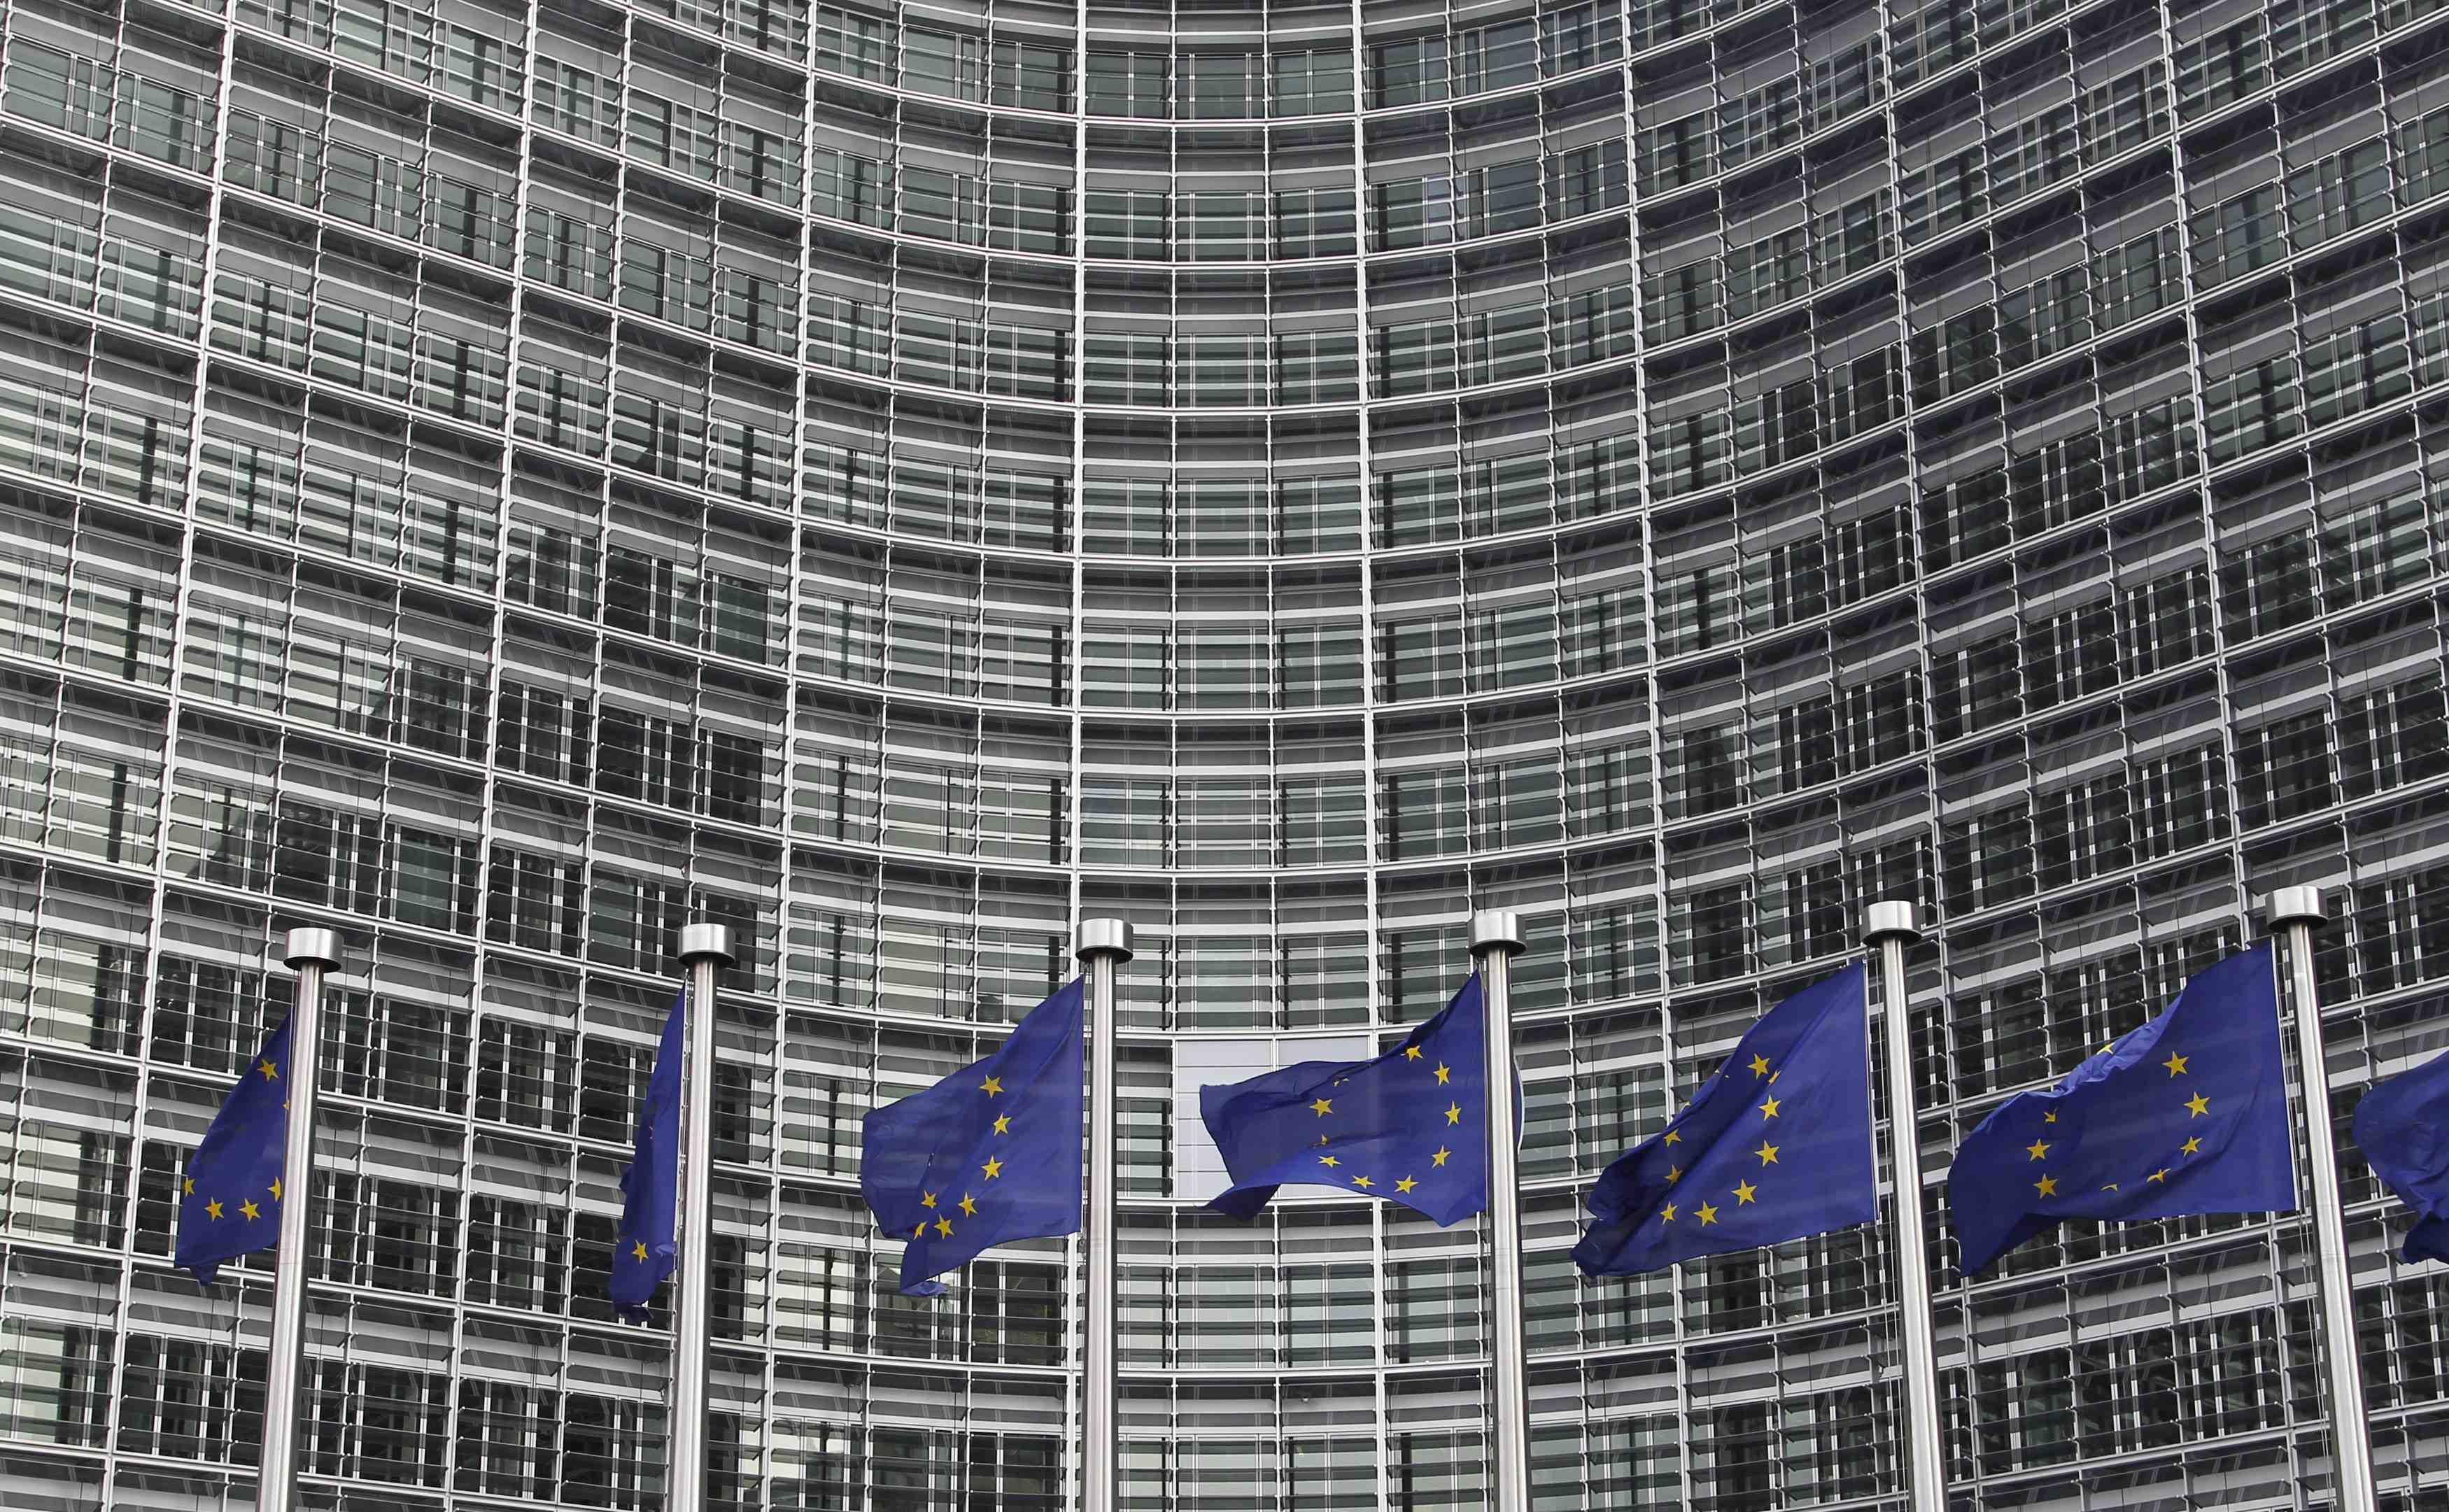 Η Κομισιόν εγκαλεί την Ισπανία και την Πορτογαλία για υπερβολικό έλλειμμα | tovima.gr